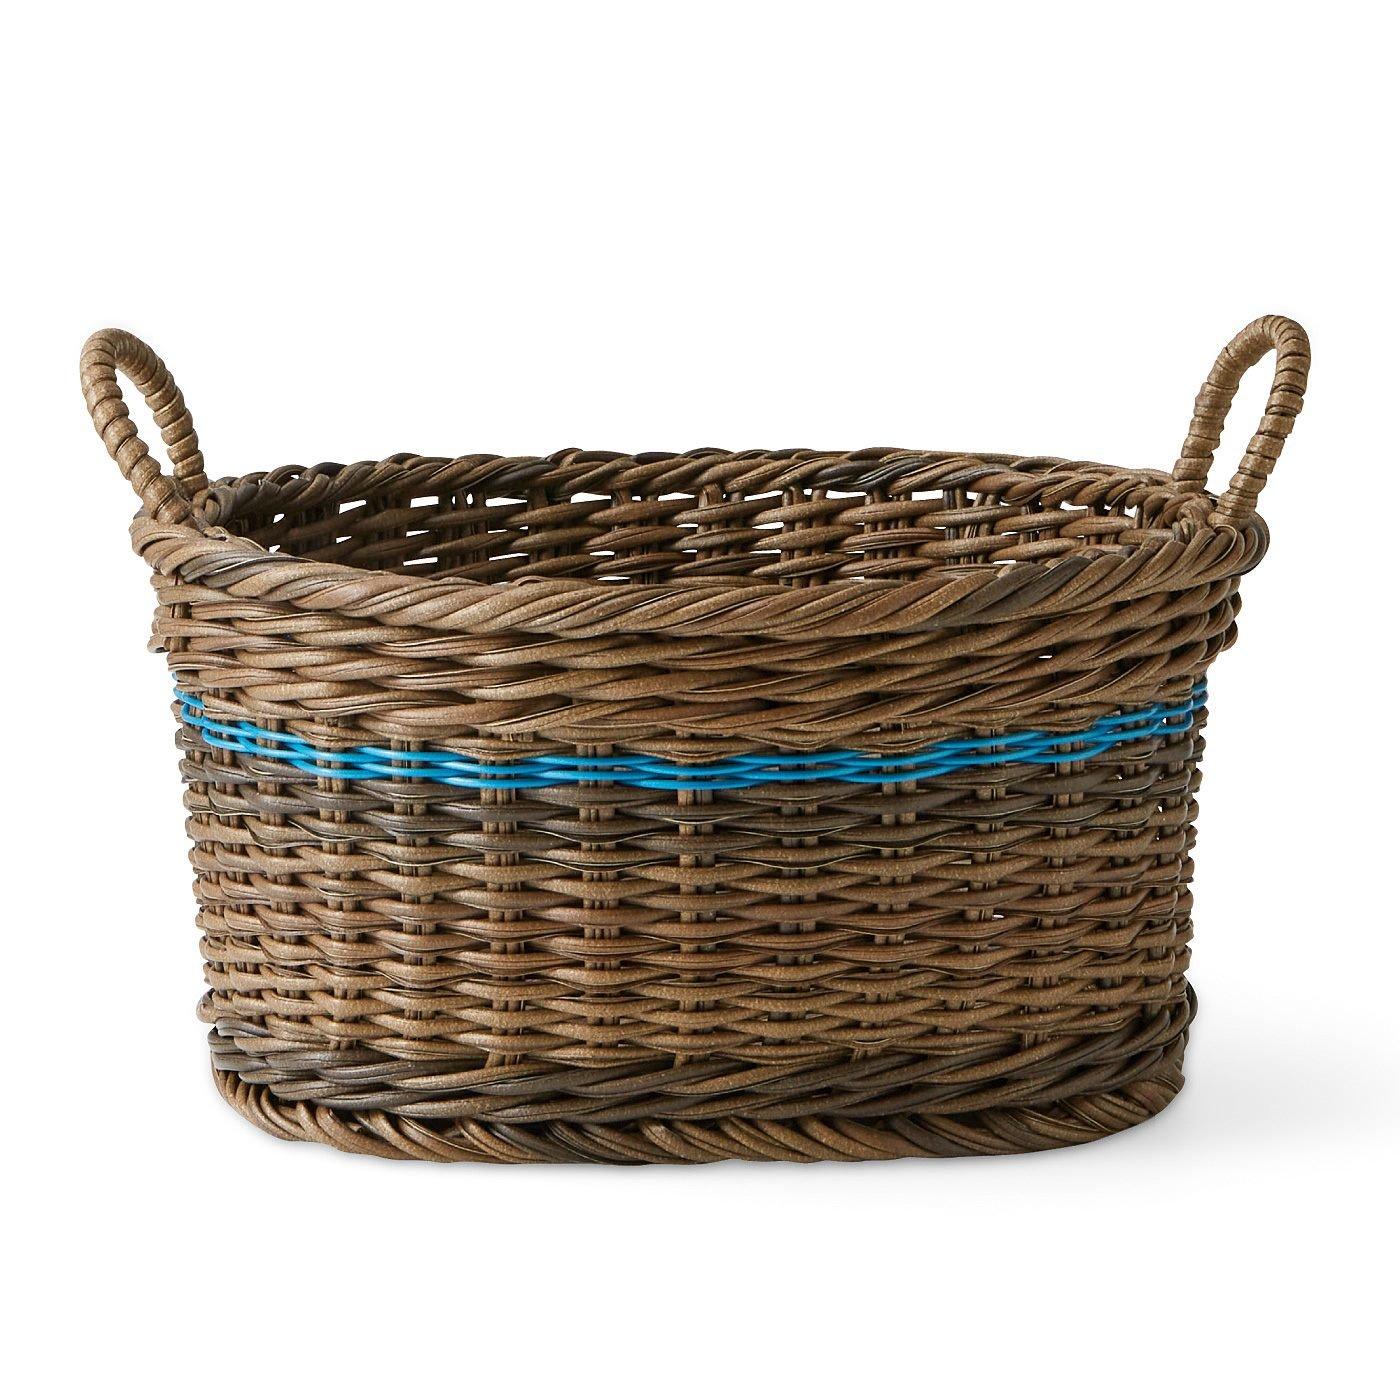 アンティークのような佇(たたず)まい いろんな形の手編みミニバスケットの会